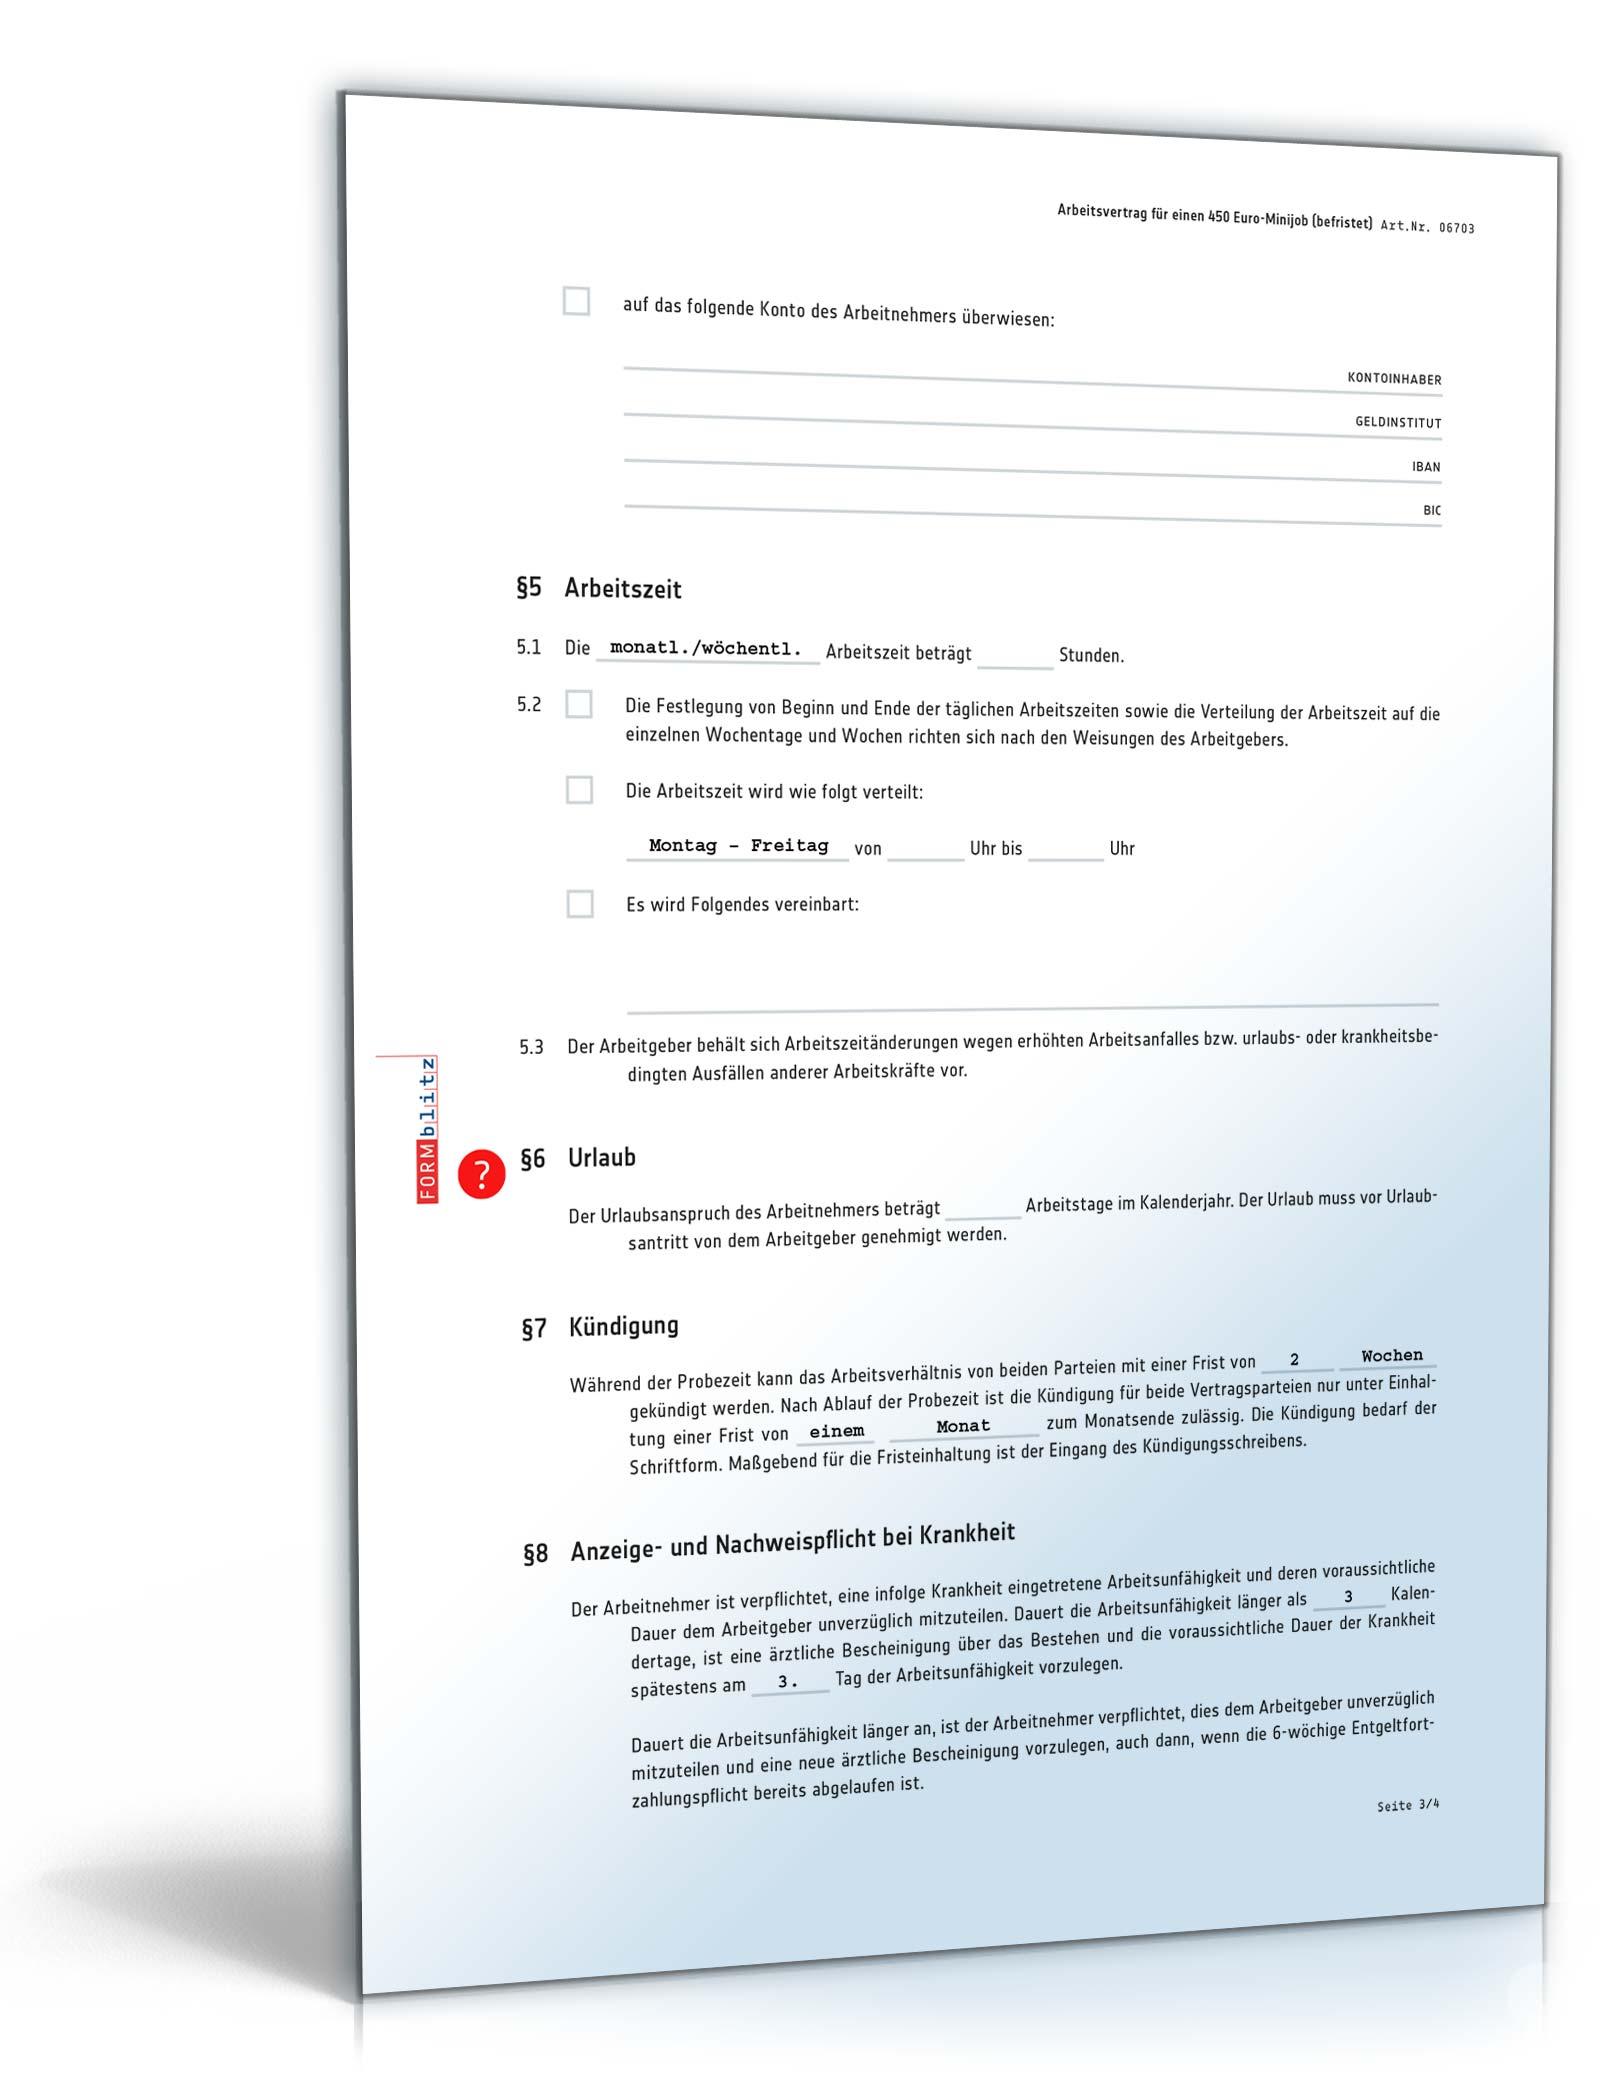 befristeter arbeitsvertrag minijob vorlage - Arbeitsvertrag Muster Minijob